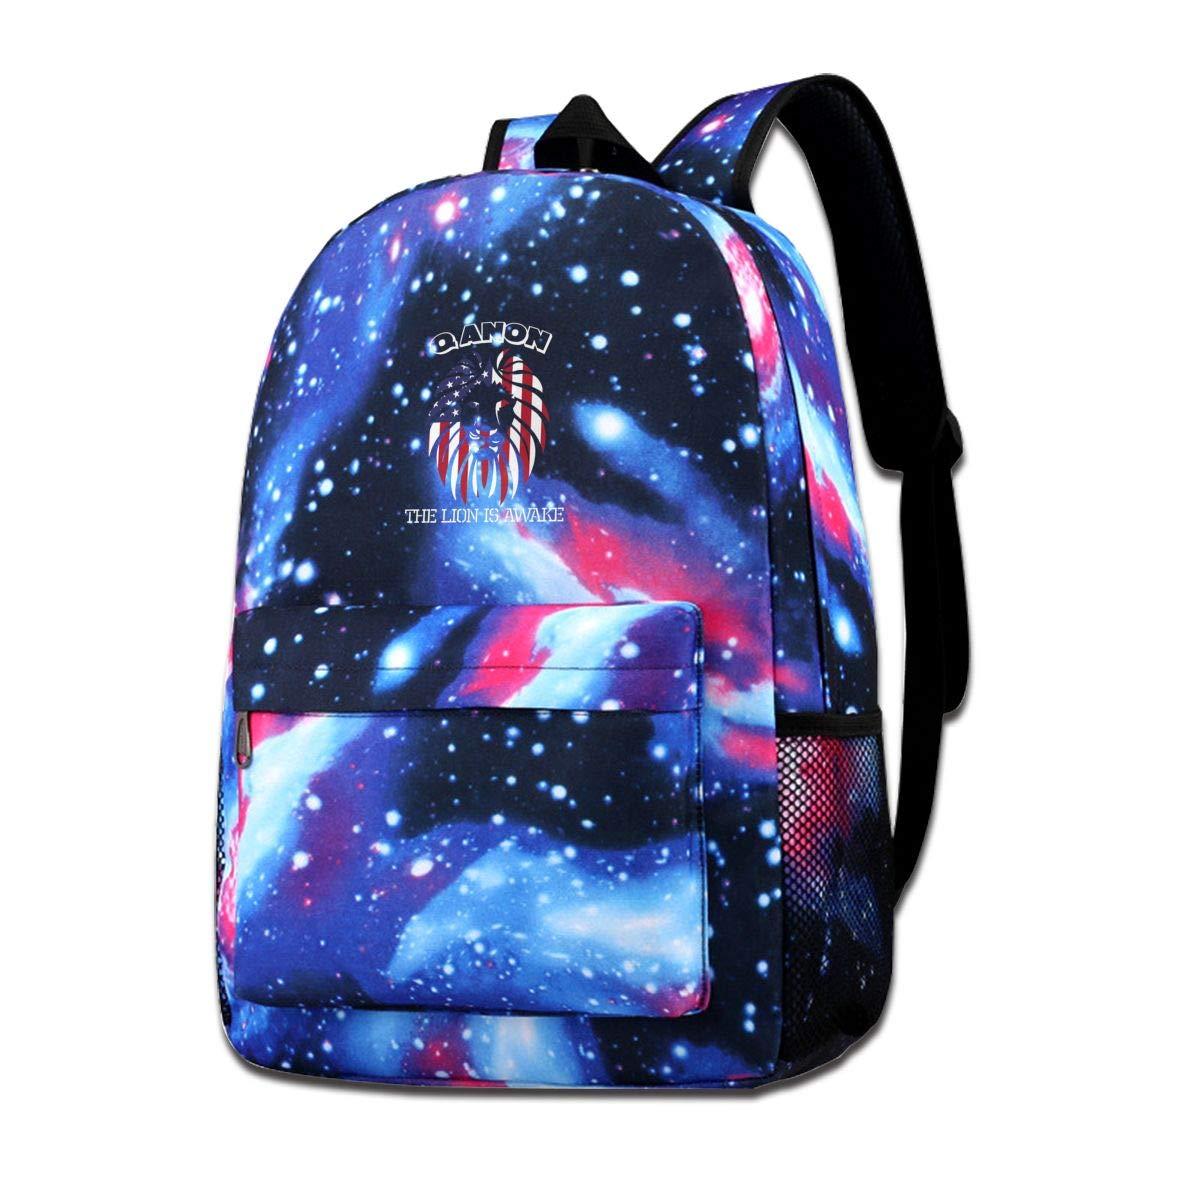 6511e5e08a61 Amazon.com | Vixerunt Fashion Starry Sky School Backpack, Qanon-The ...